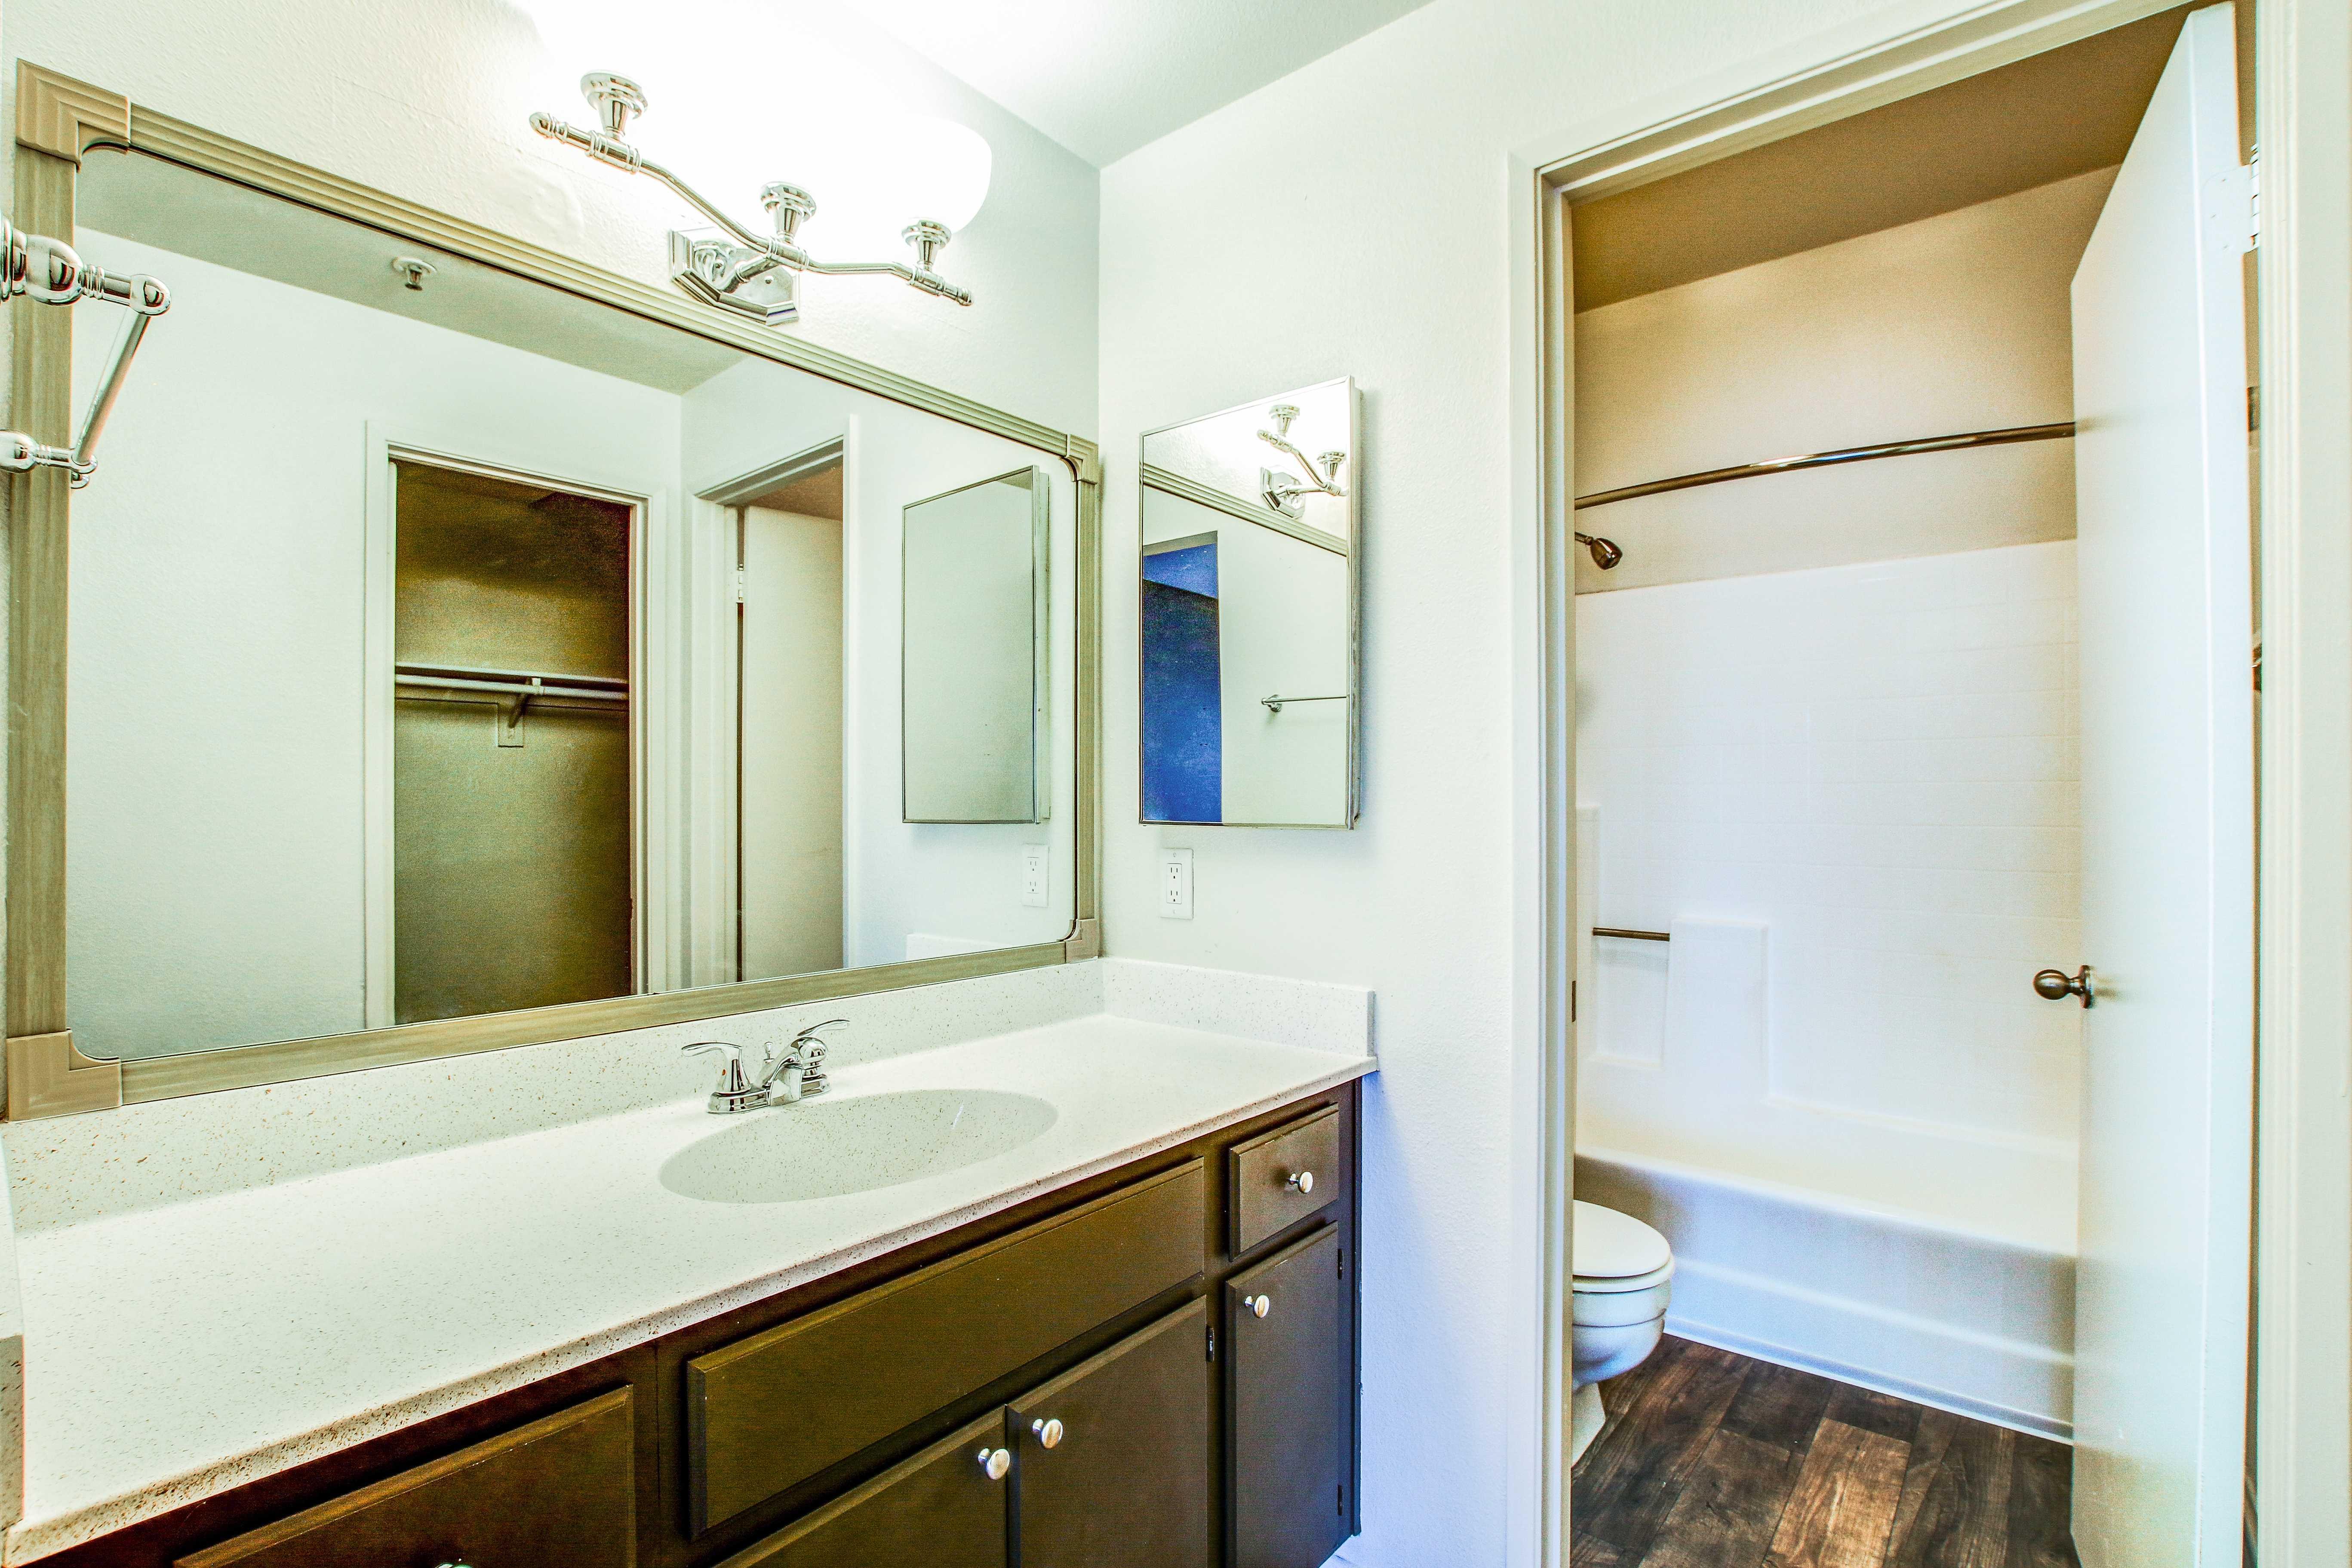 Clean bathroom at apartments in San Diego, California